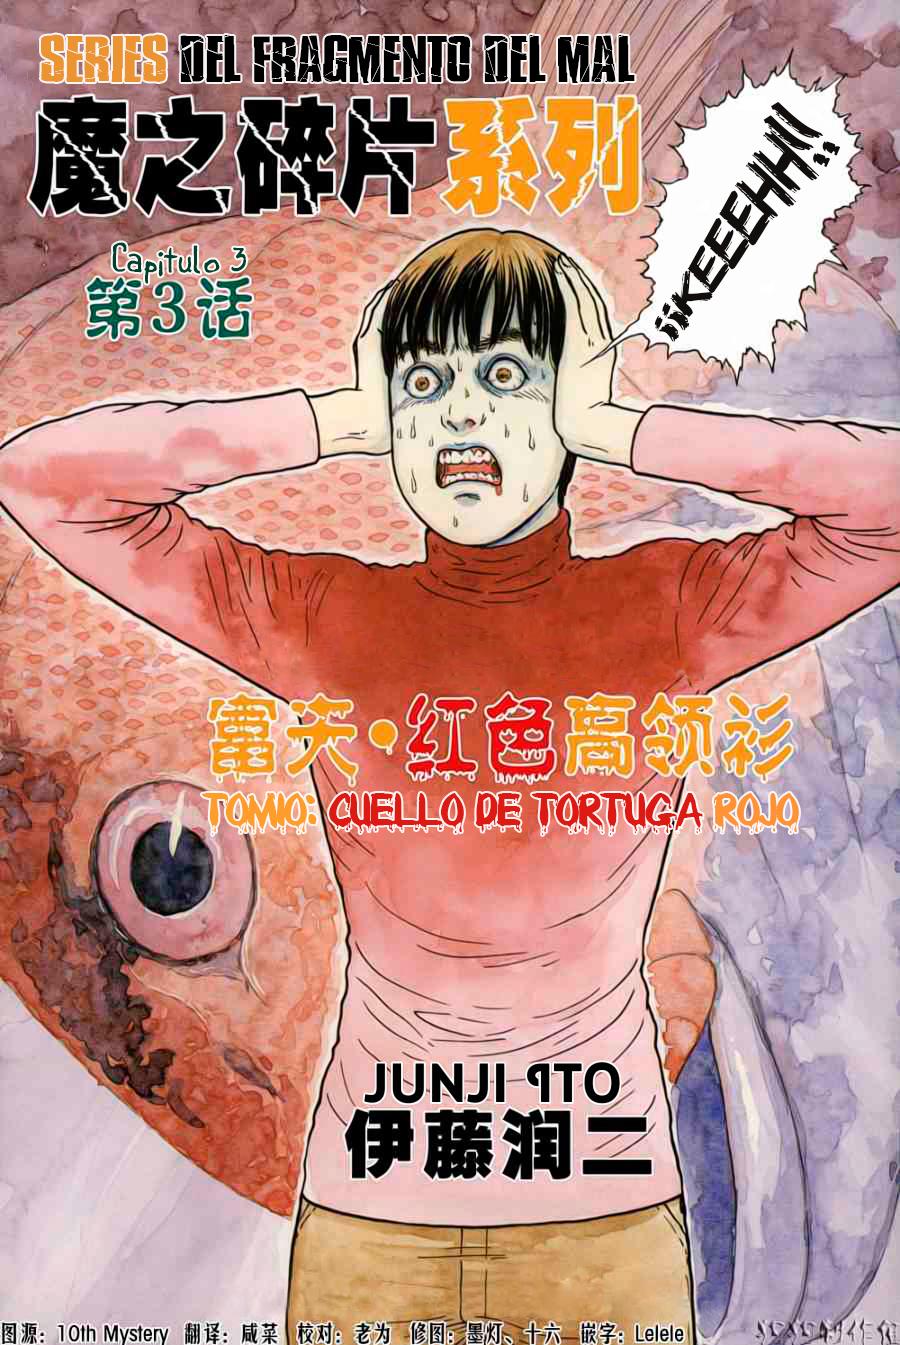 https://c5.ninemanga.com/es_manga/55/14519/387926/f2edda70619a2872253126cdb03b6048.jpg Page 4